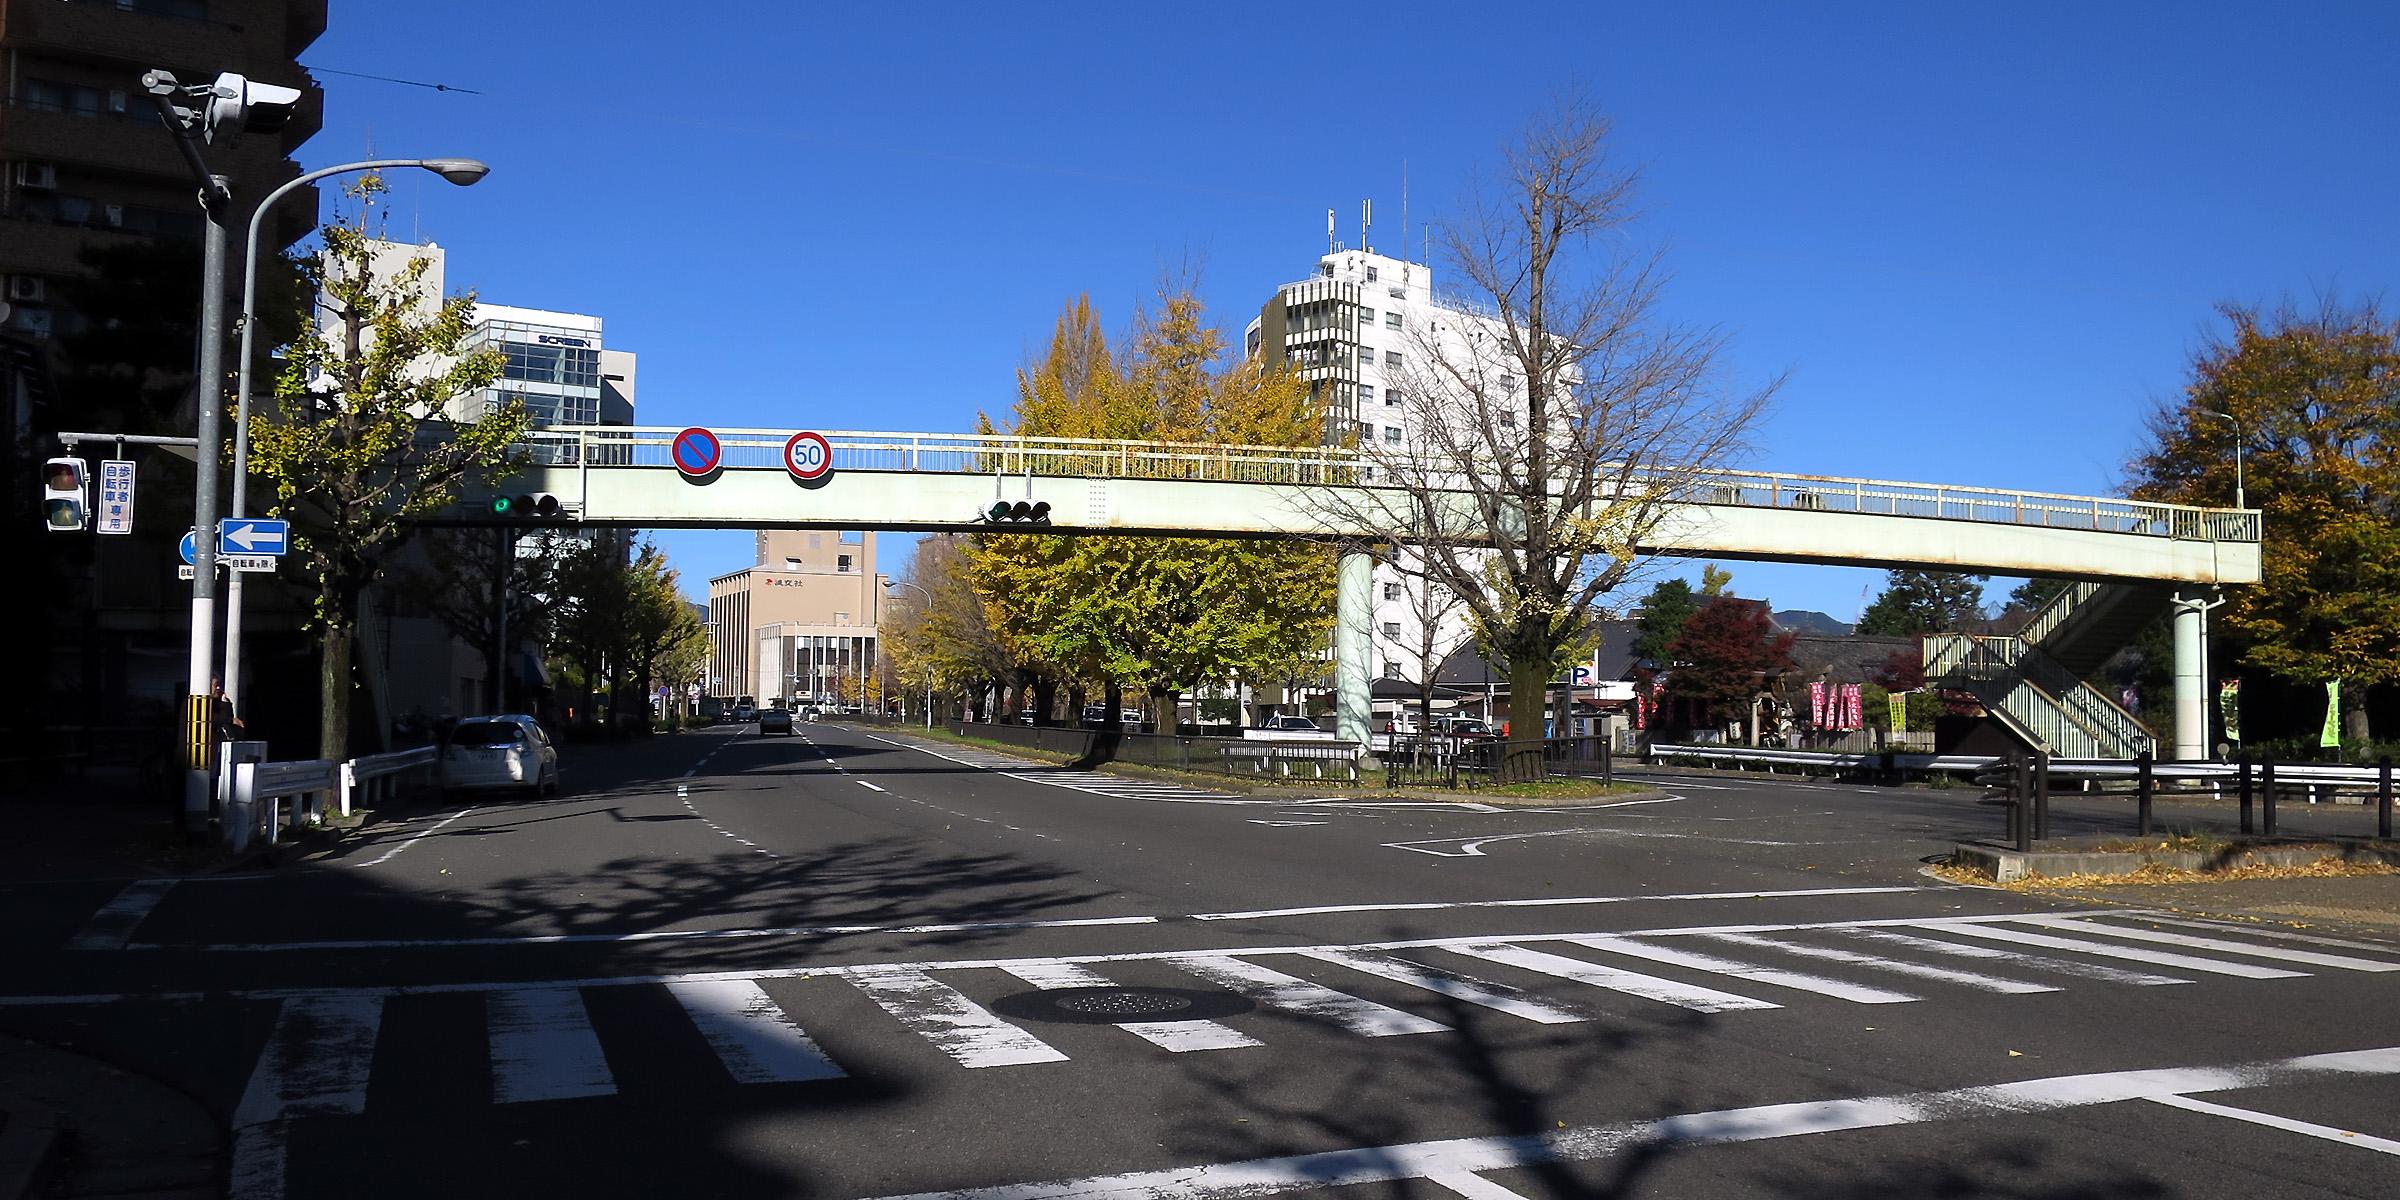 20151208_09 堀川通、成逸歩道橋(2015_1208_133524)